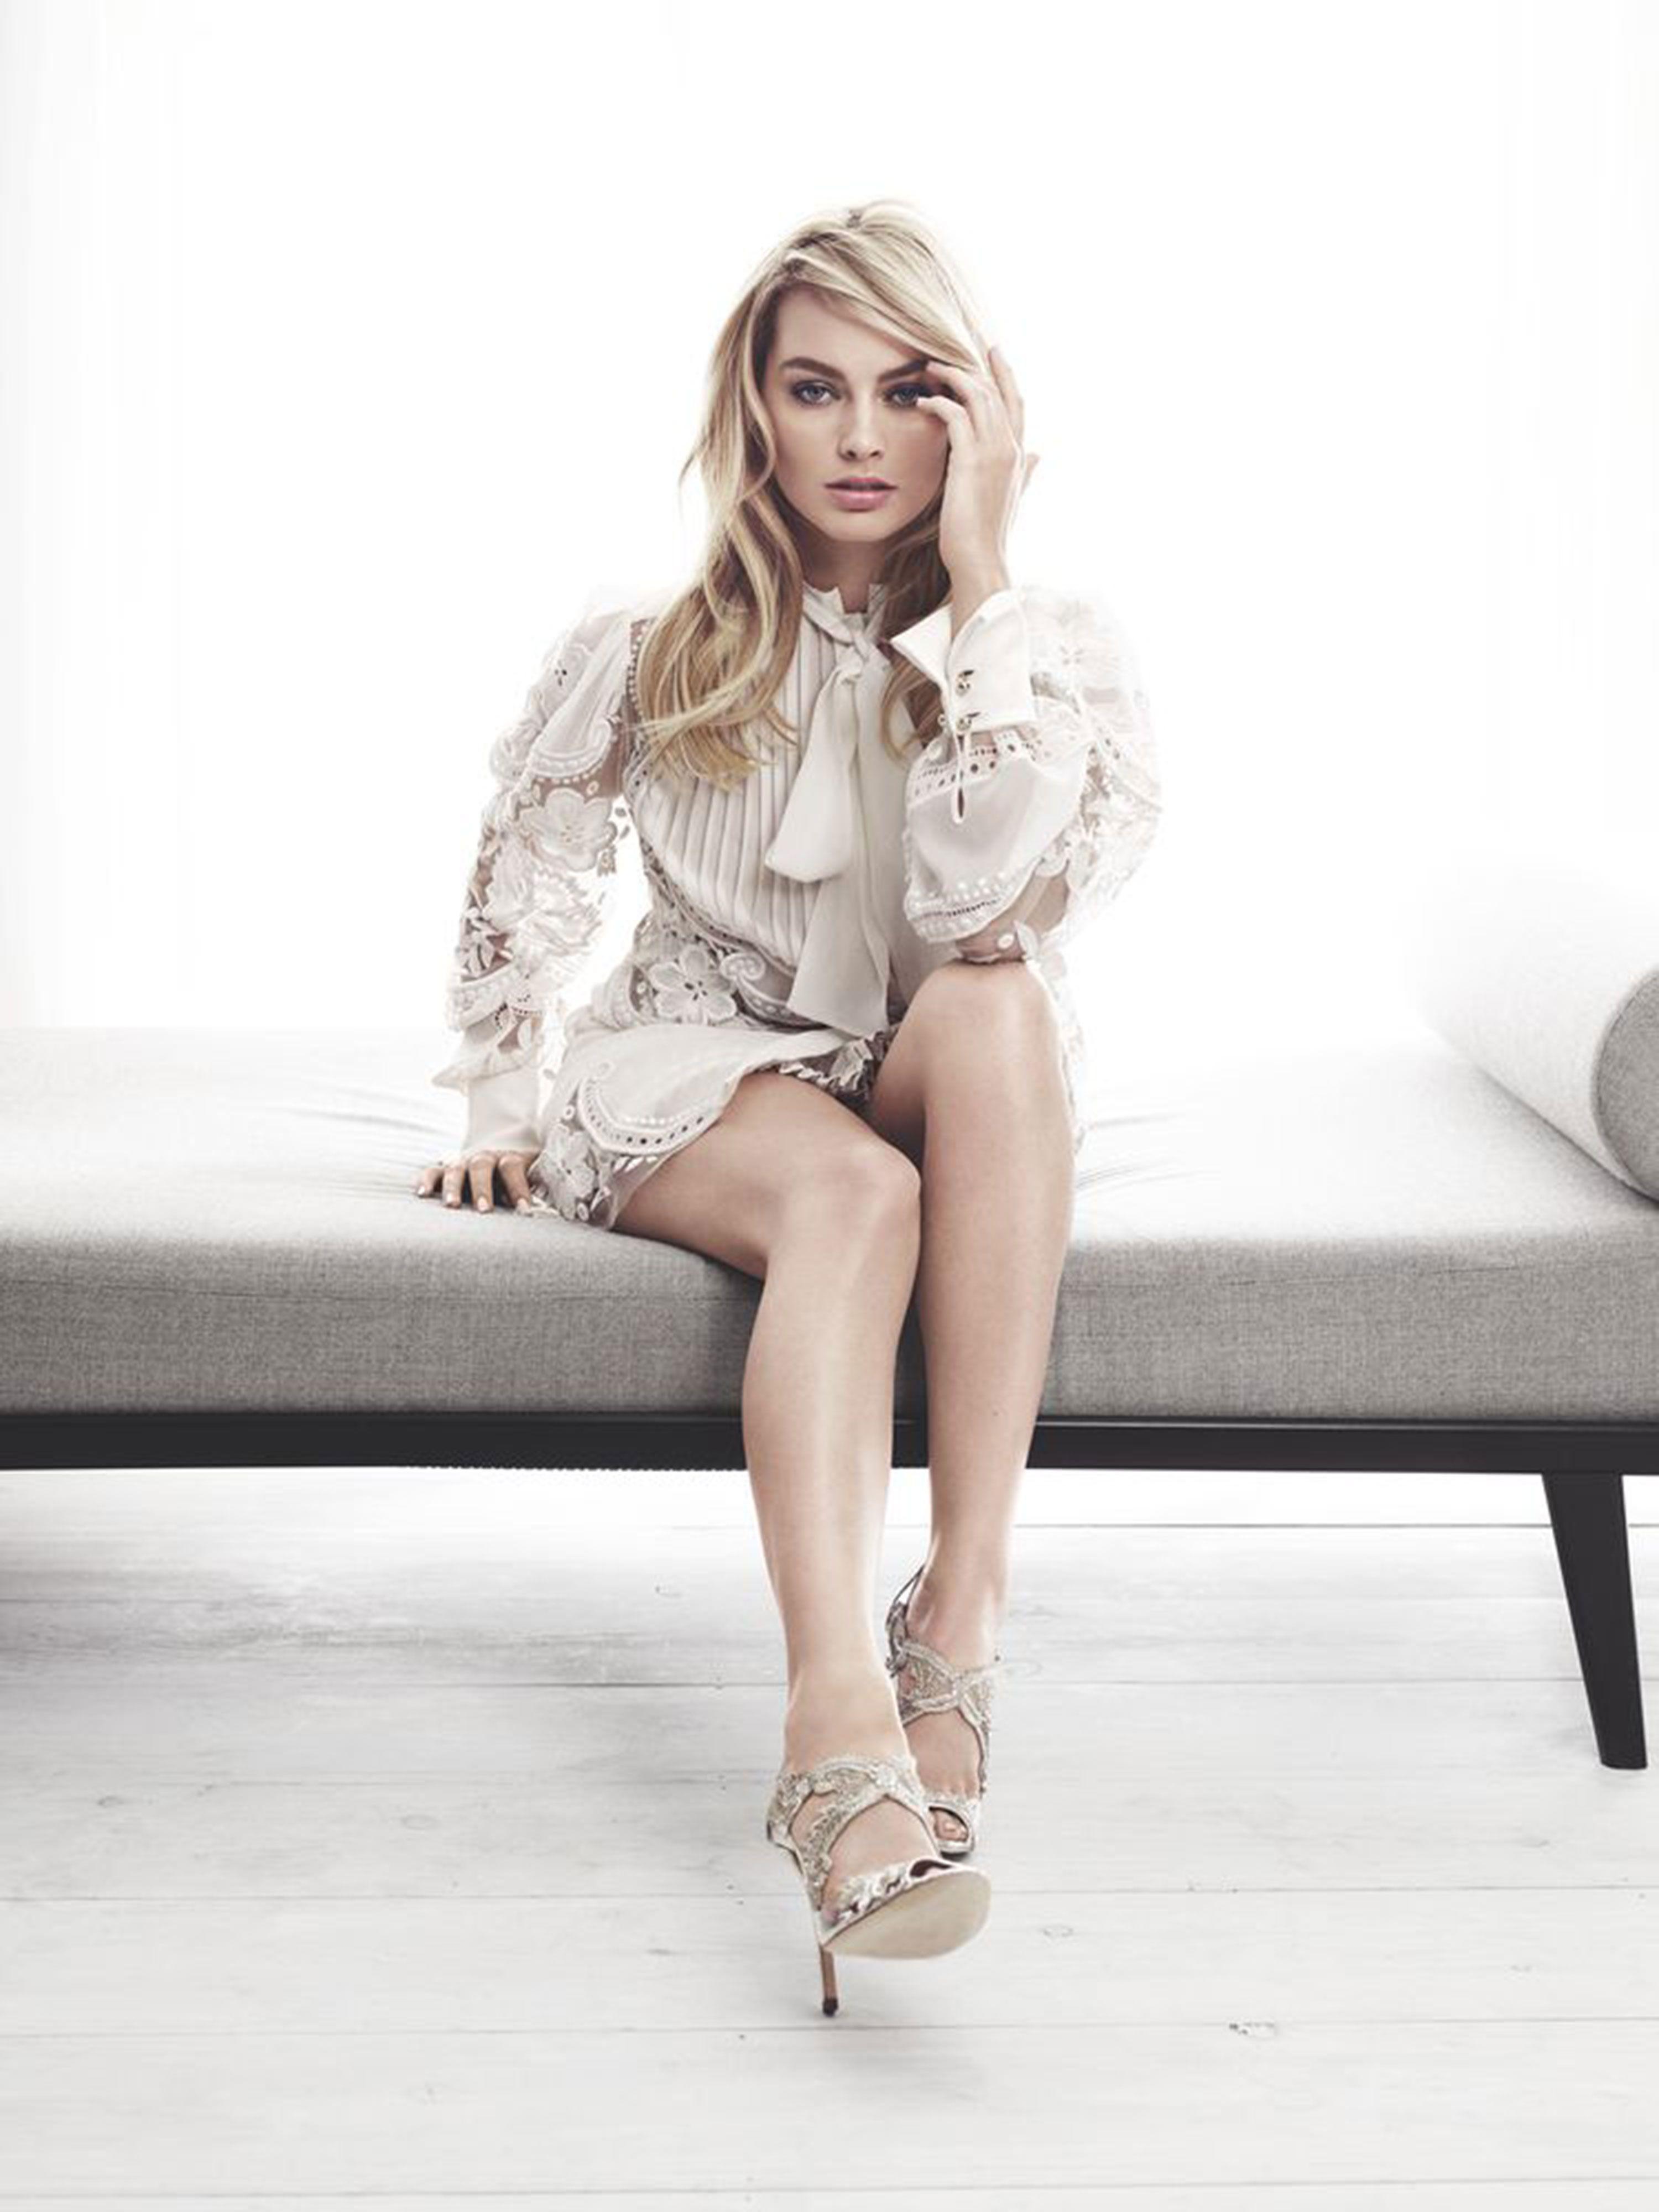 Margot Robbie gallery